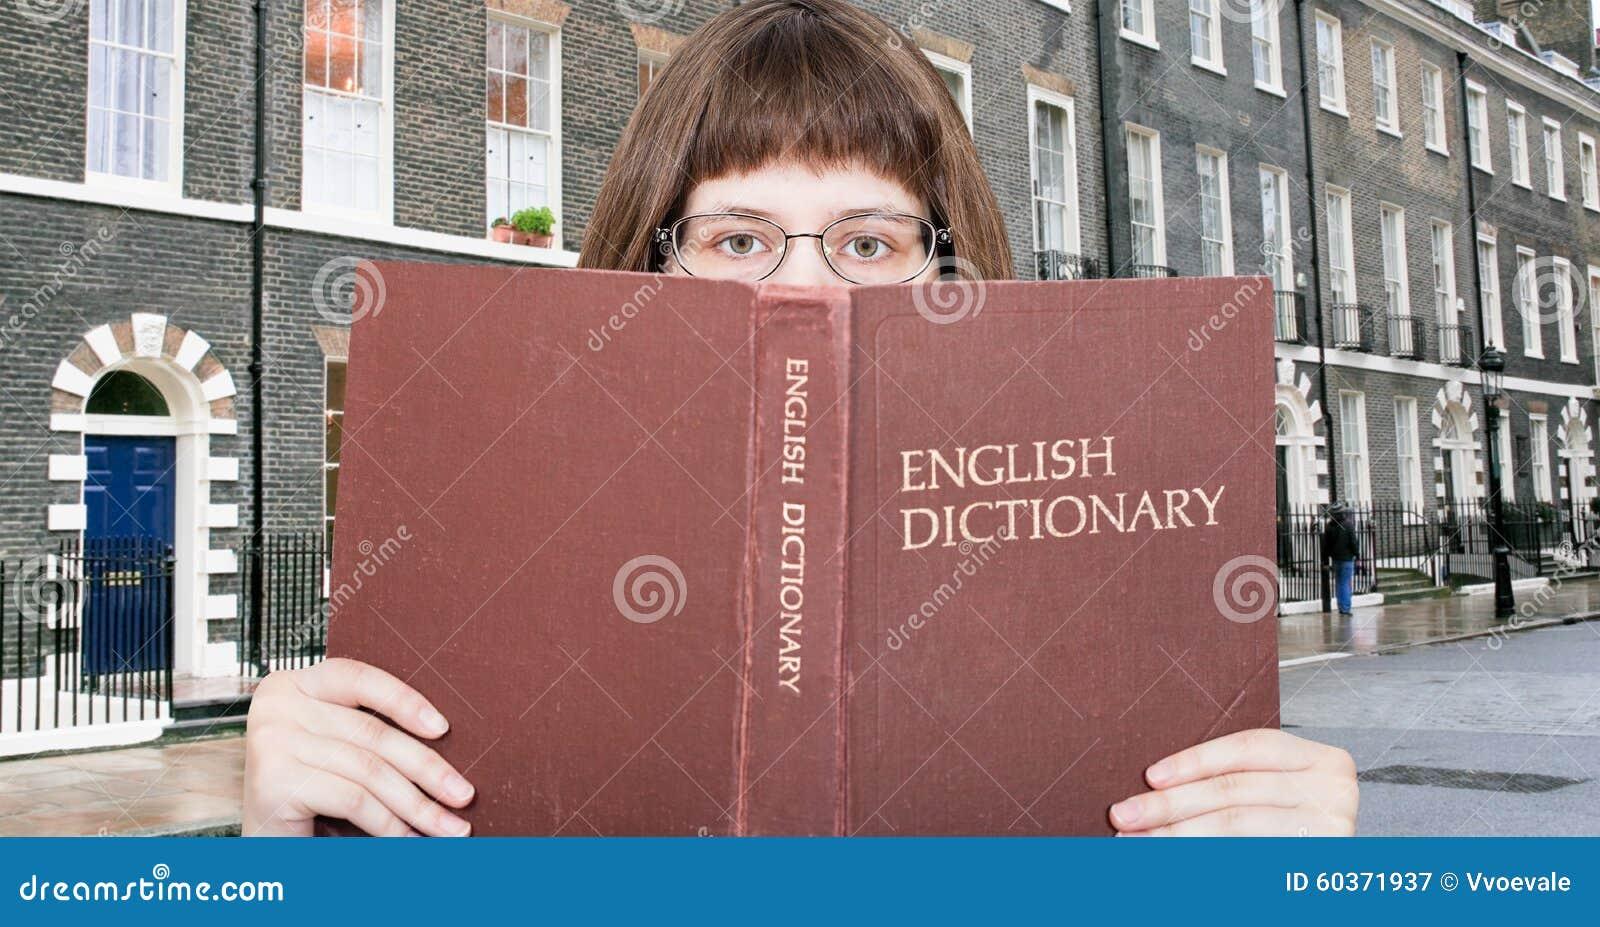 öga på engelska